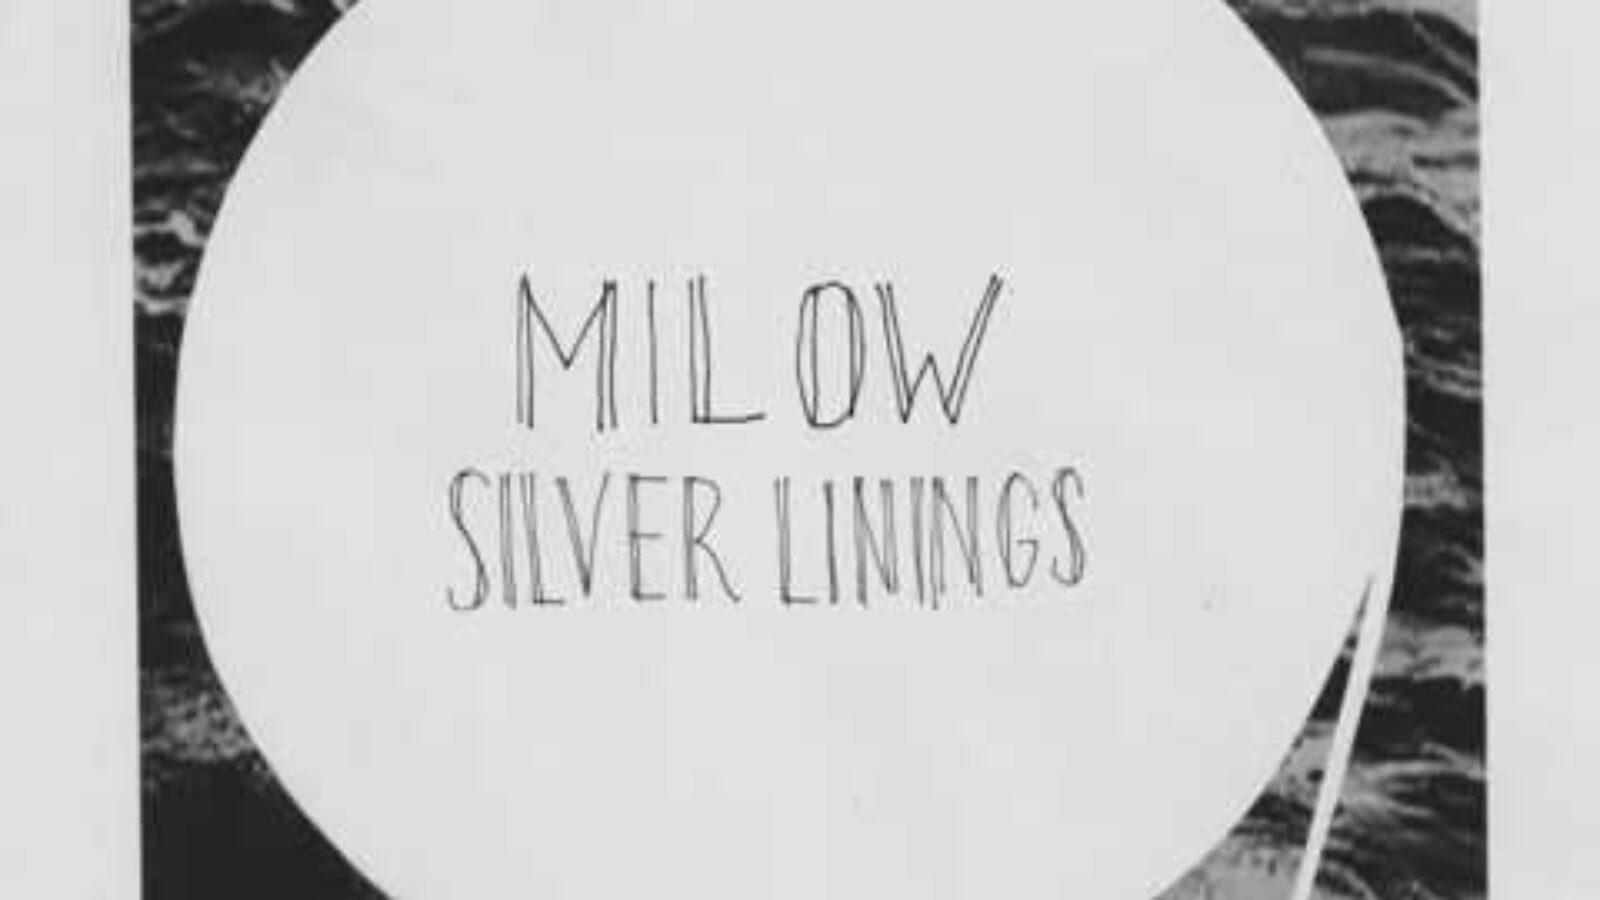 MILOW Silver Linings